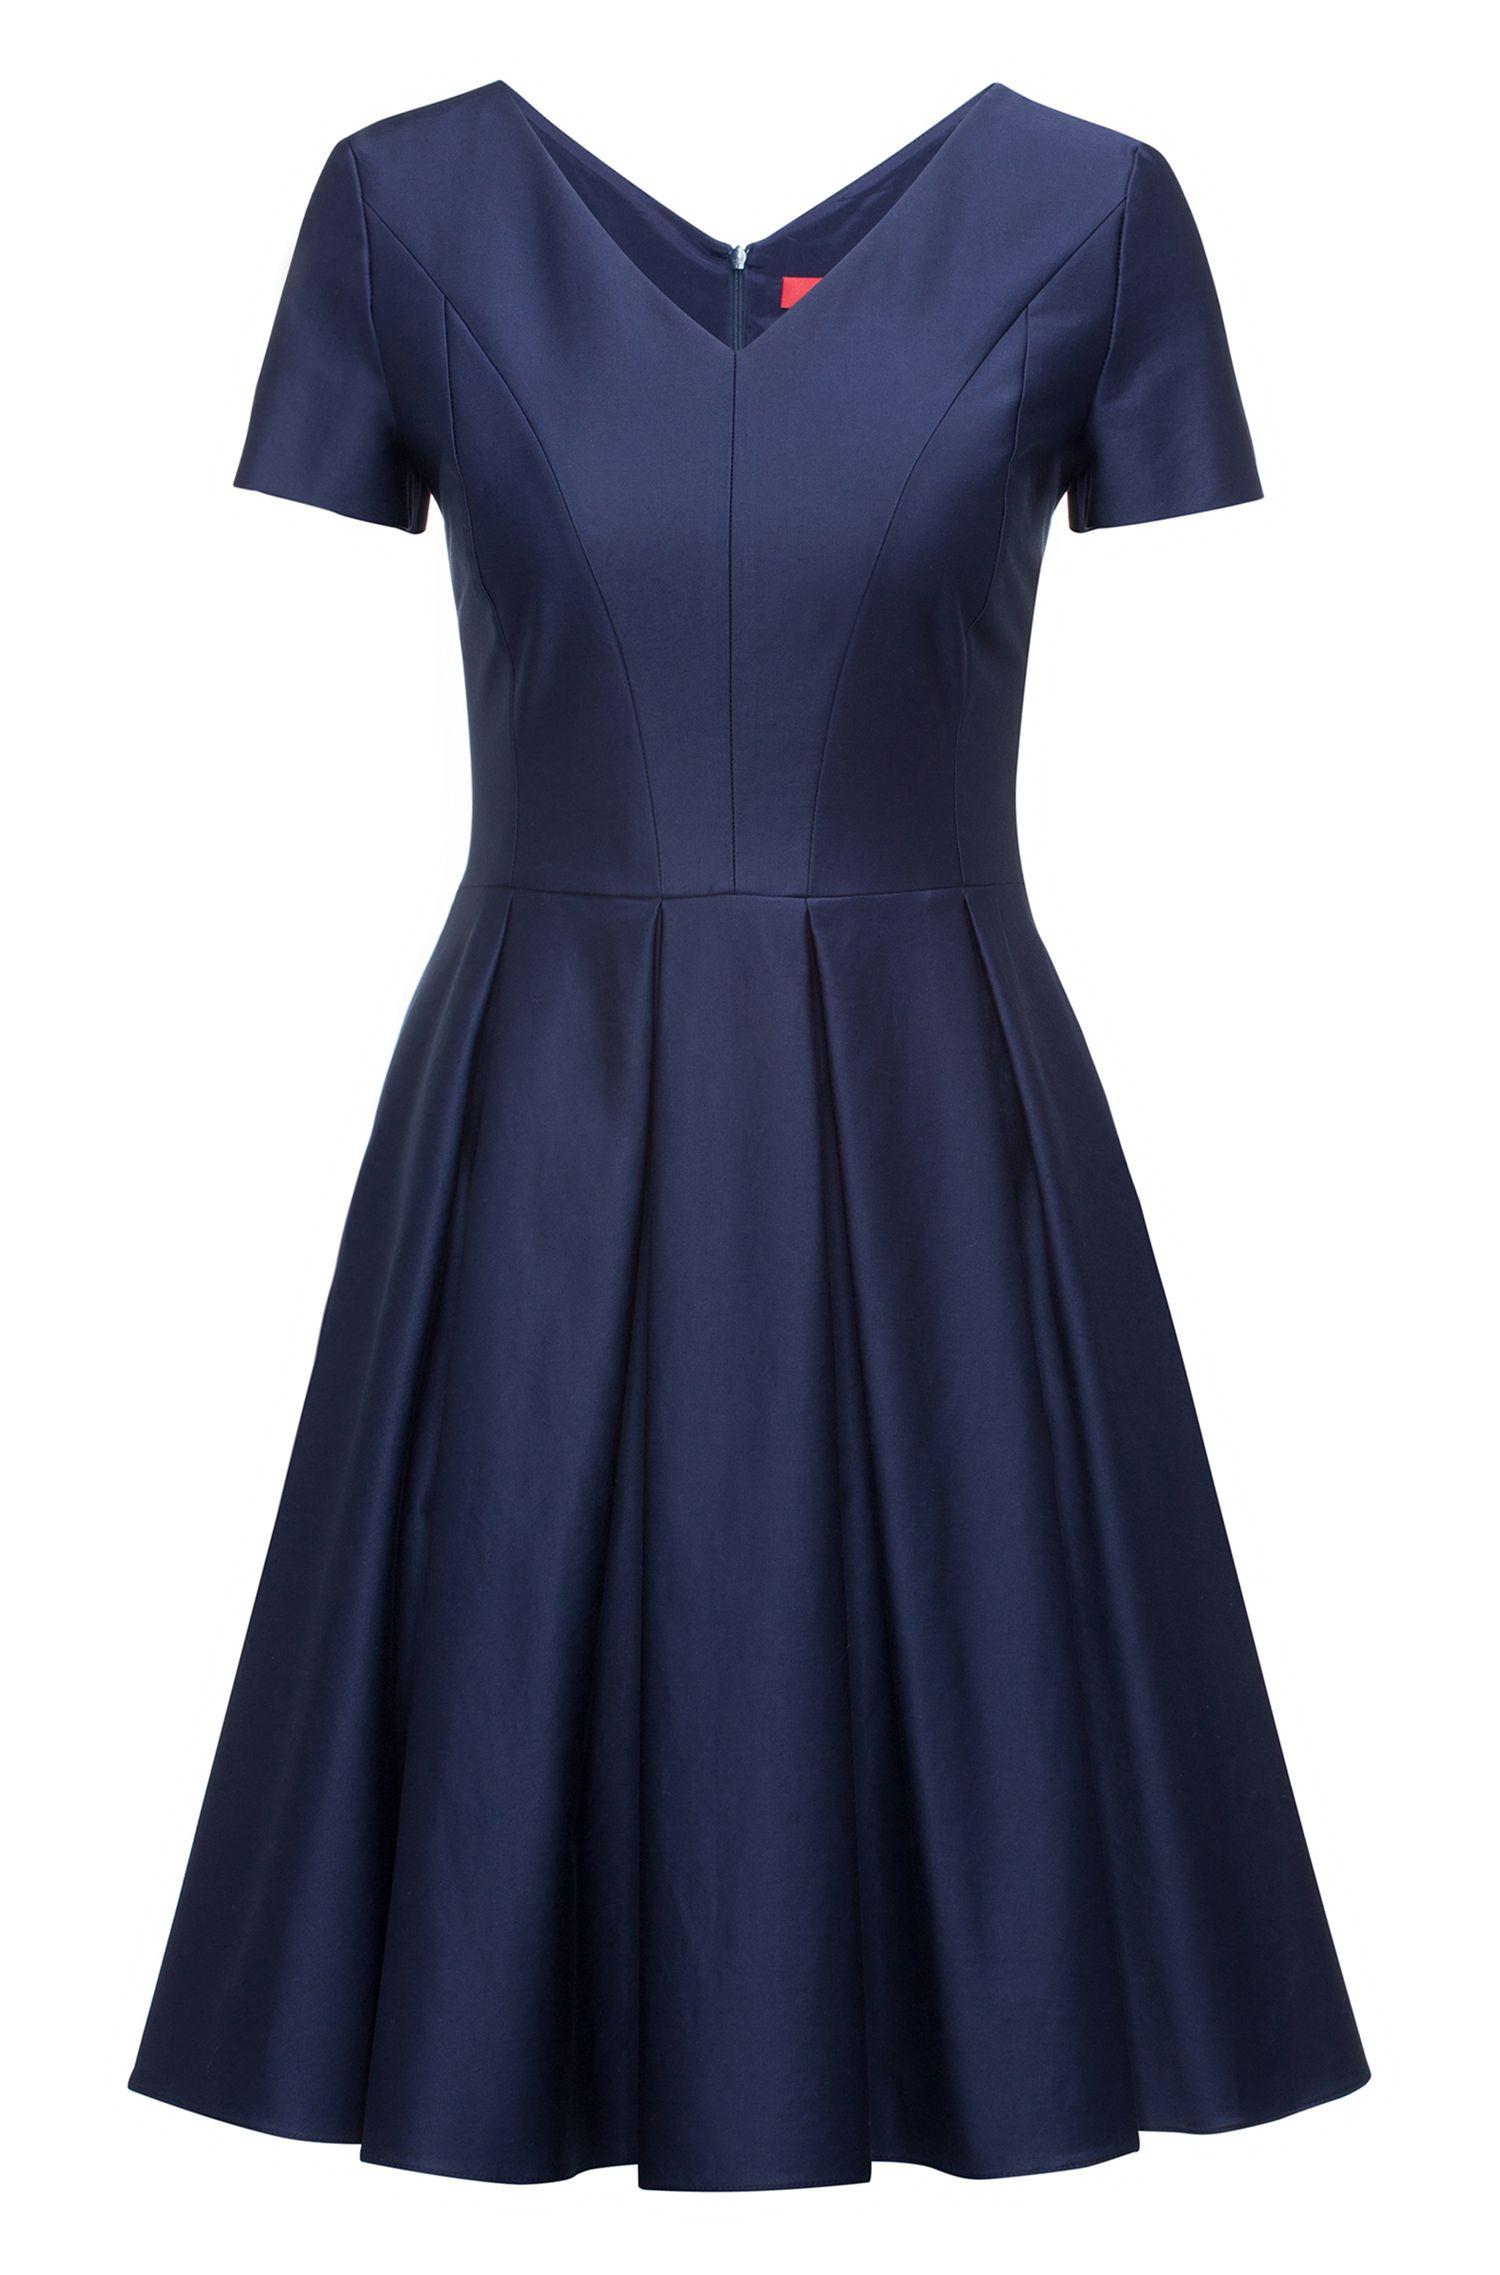 Moderno vestido con cuello en pico en algodón elástico con falda voluminosa